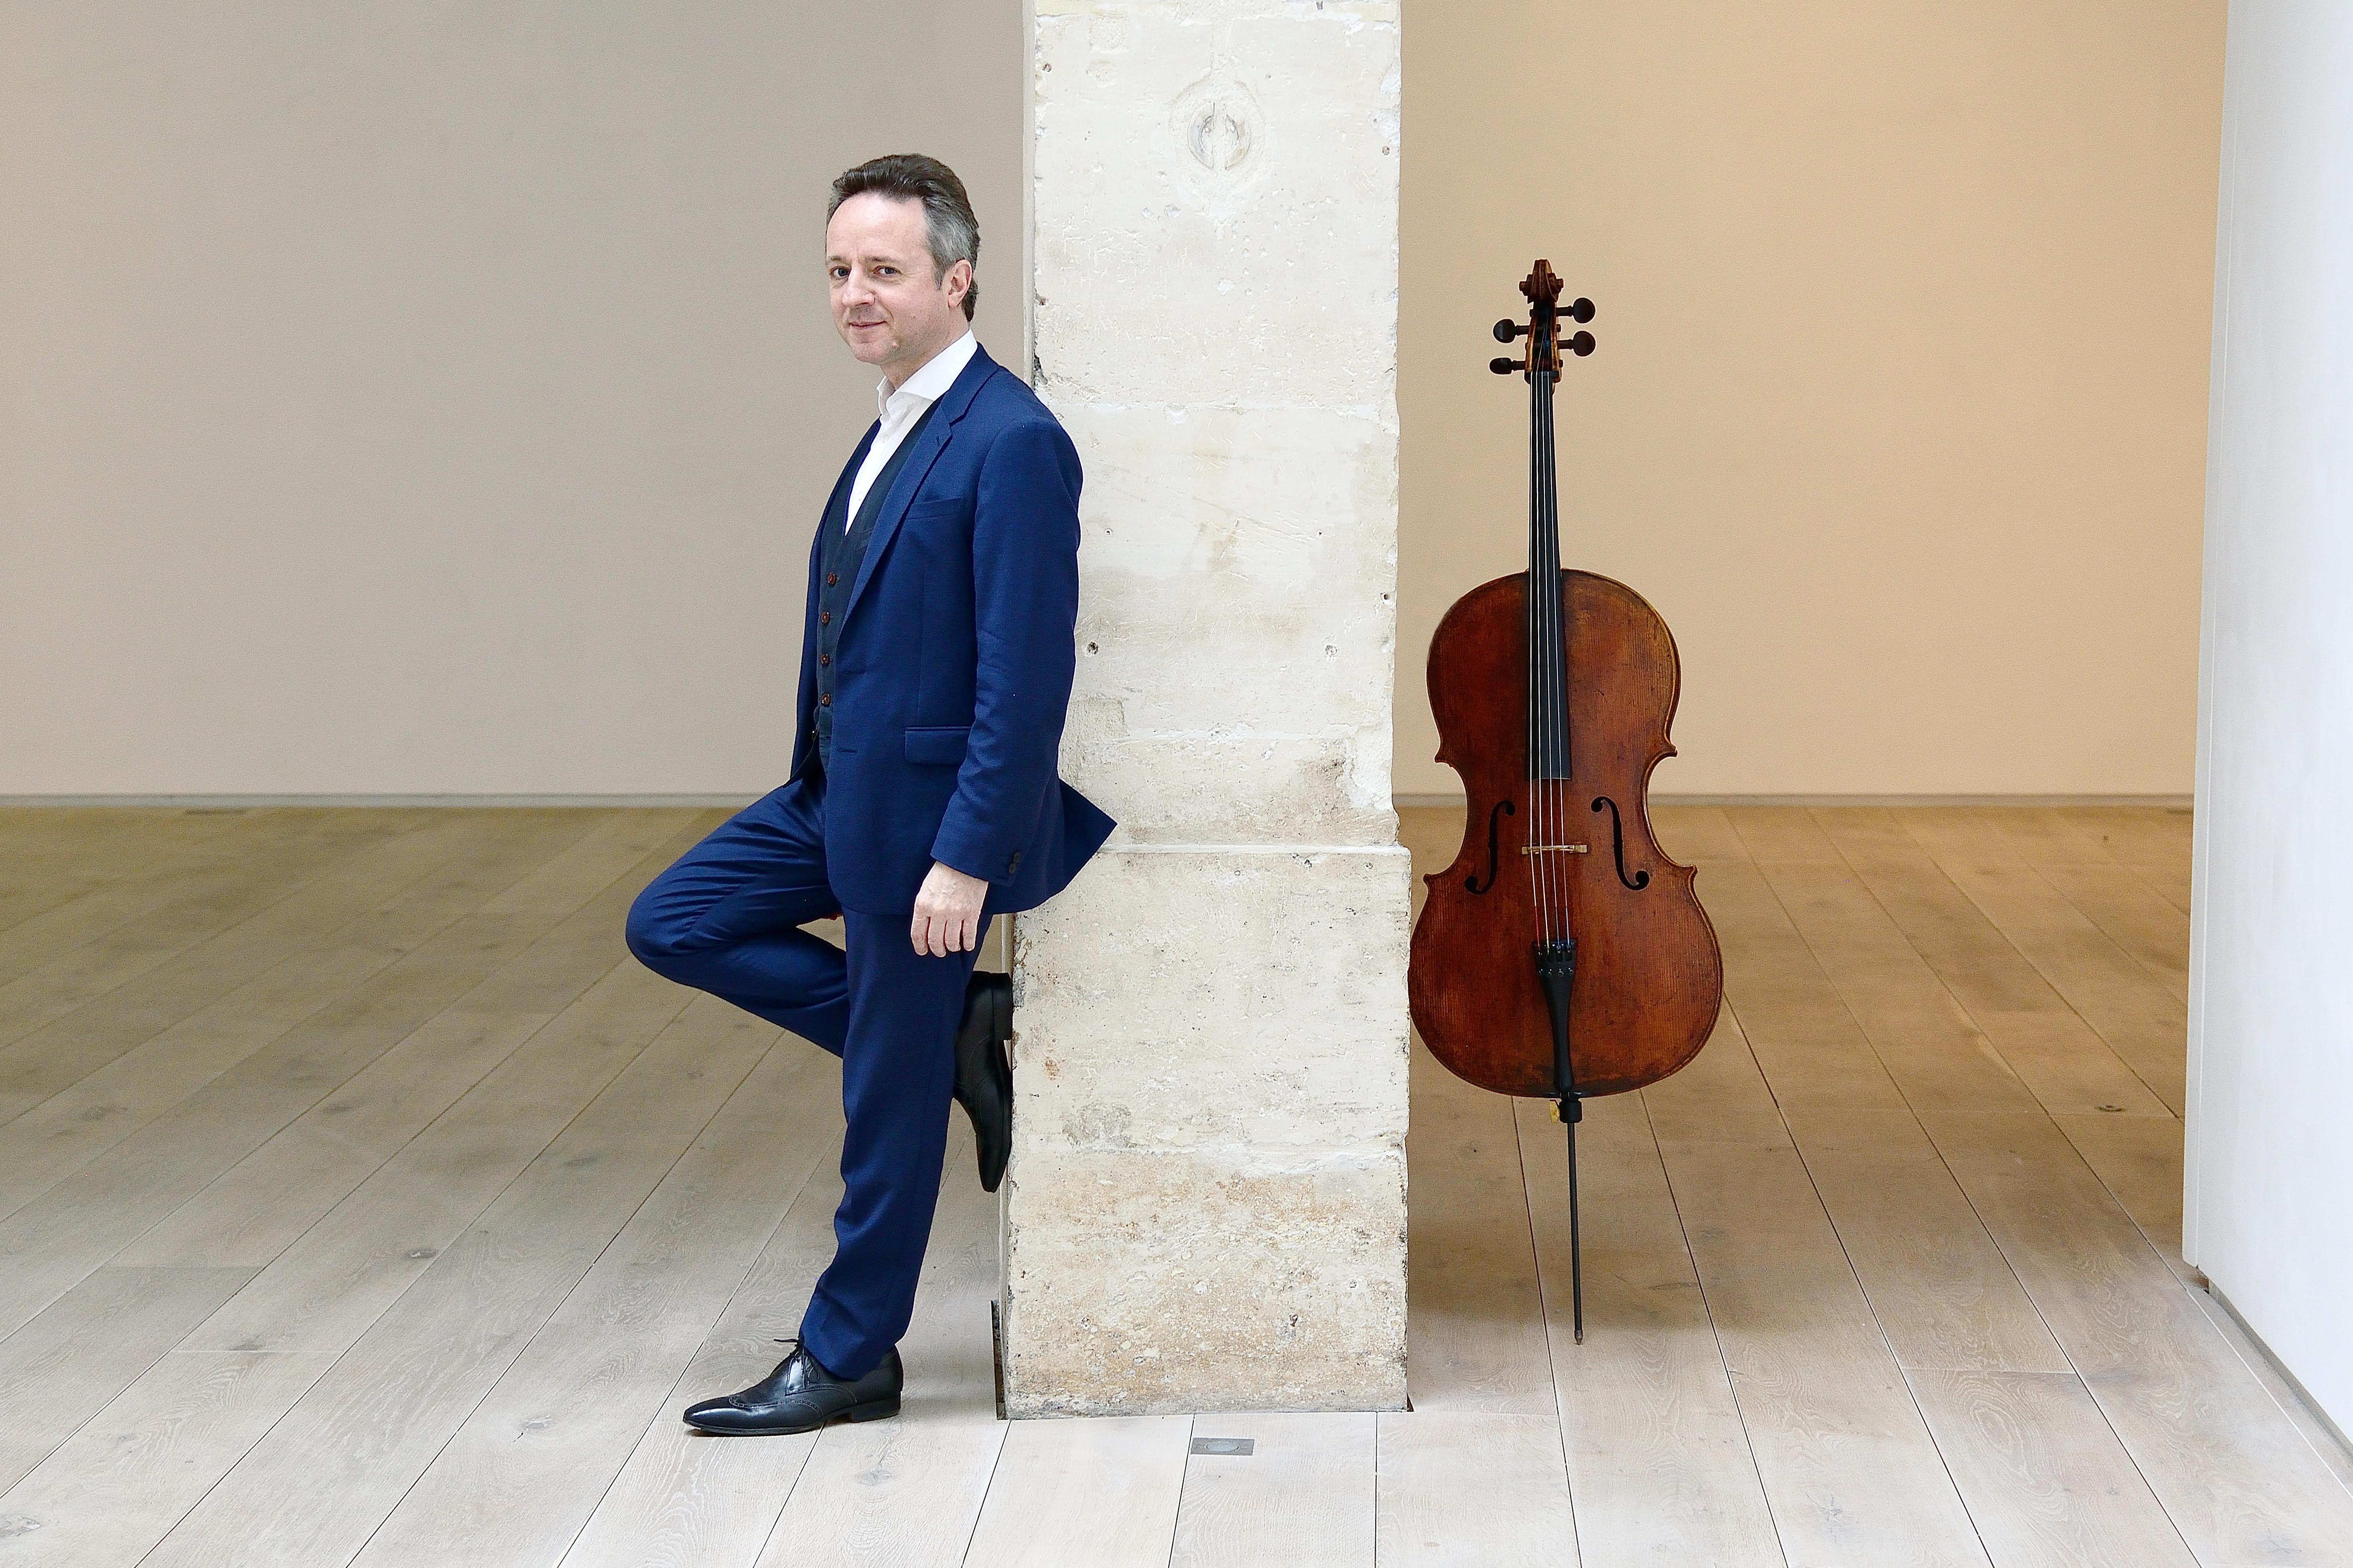 Marc Coppey returns to the Deutsche Kammerakademie